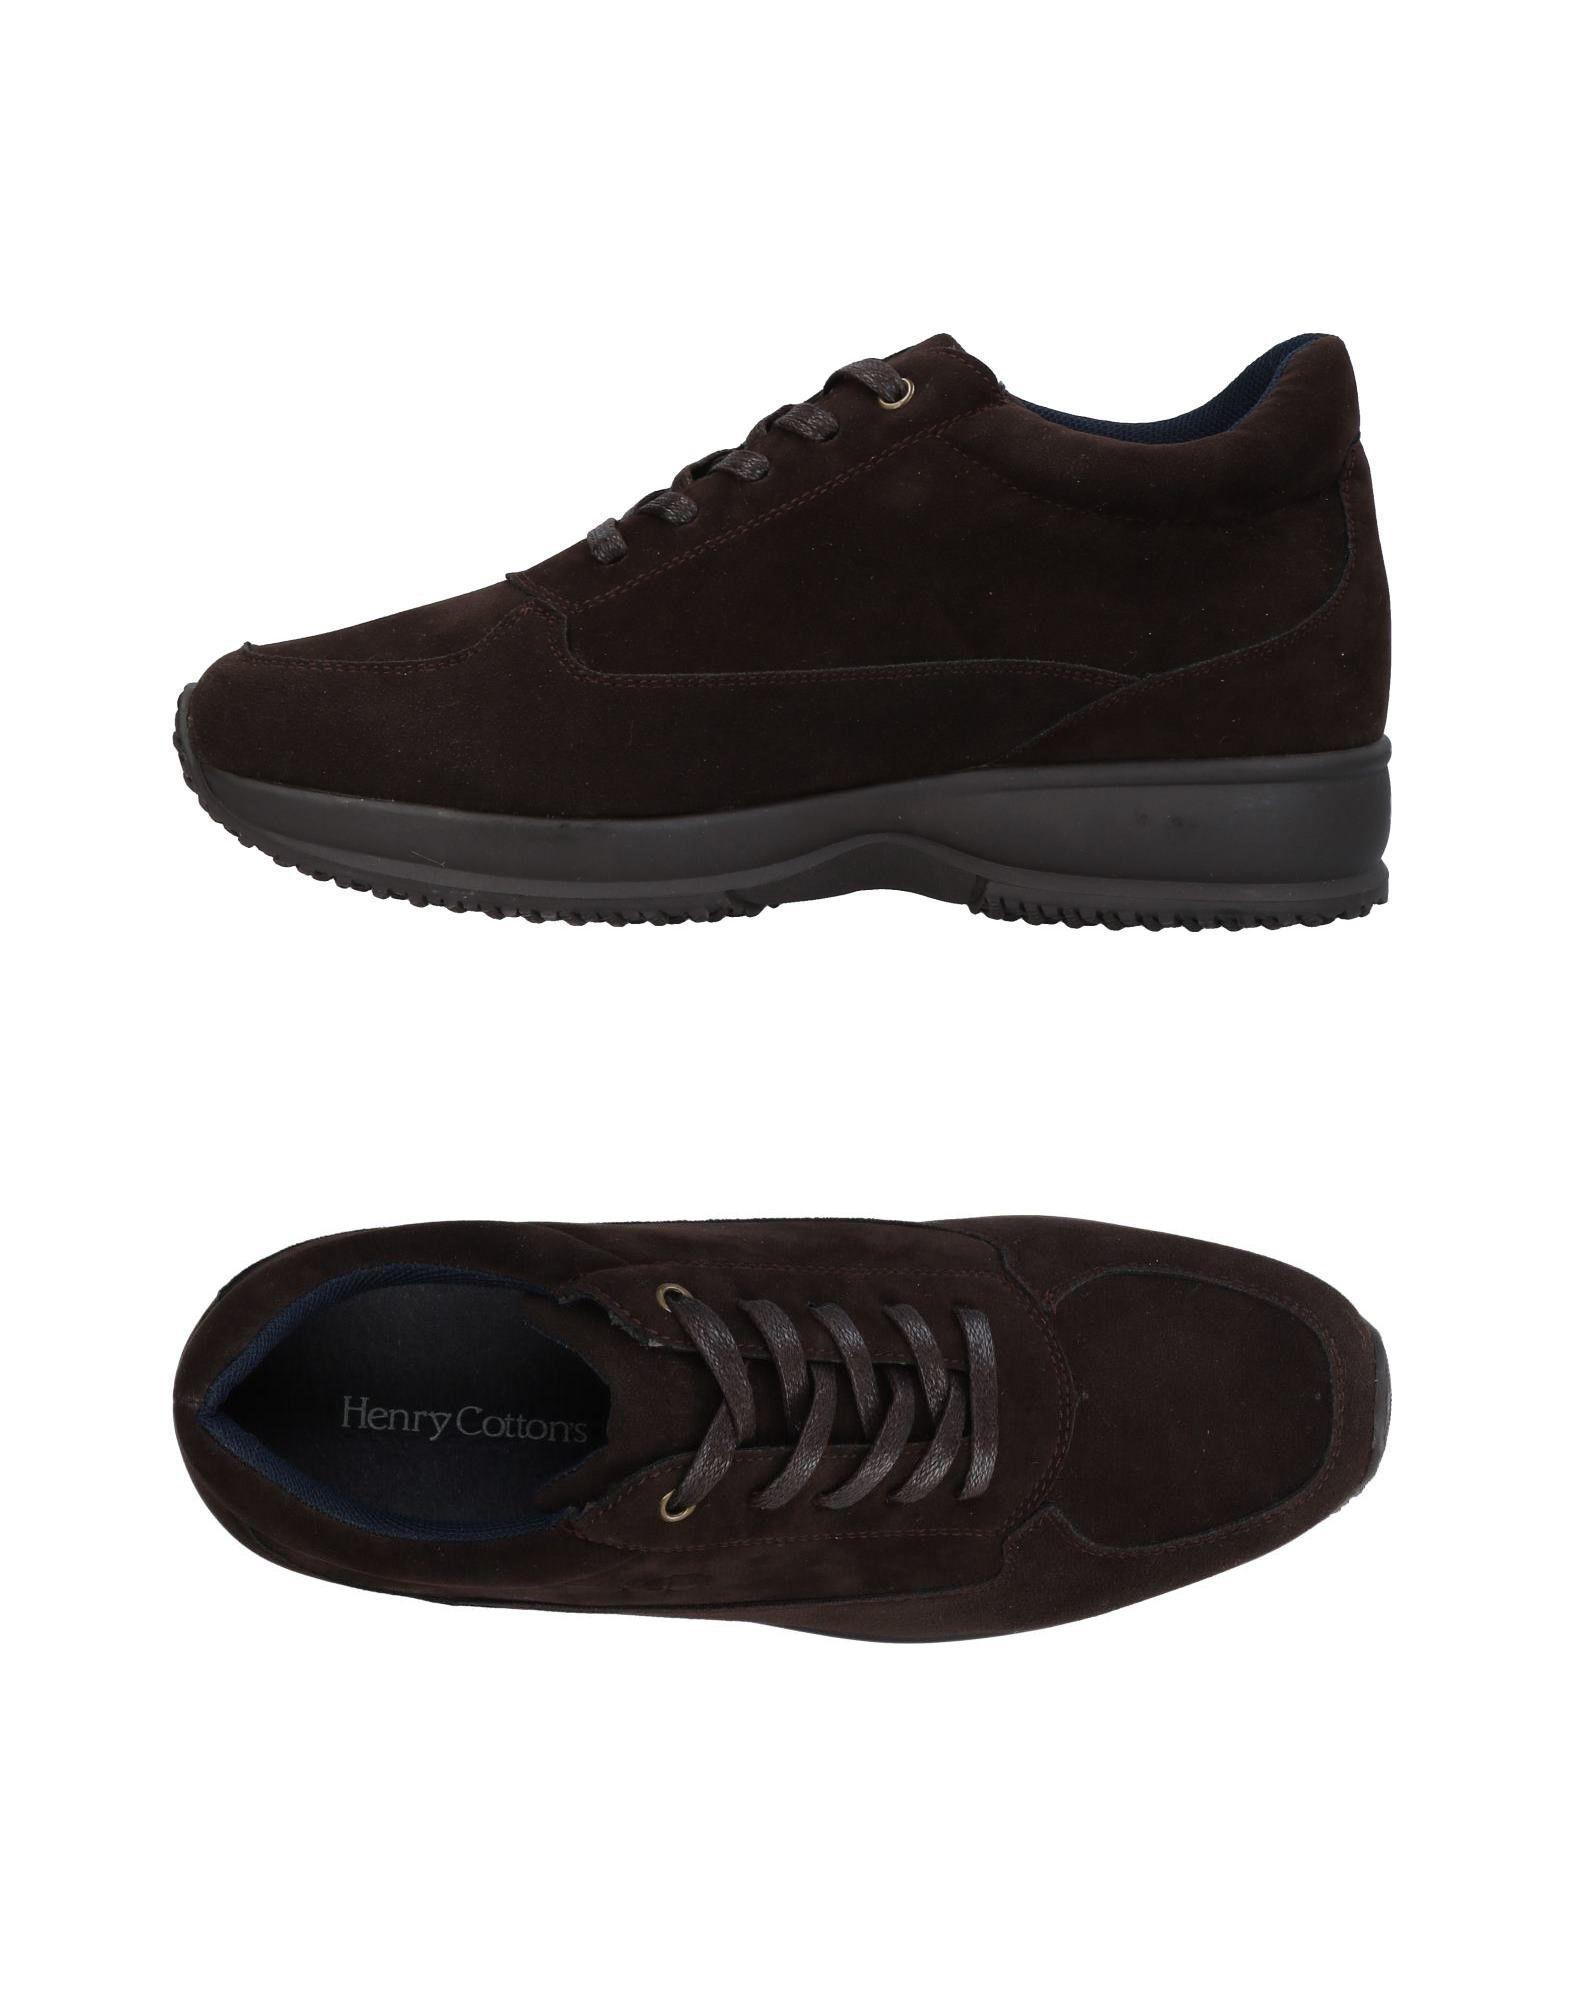 Bas-tops Et Chaussures De Sport De Coton Henry IoD5O6